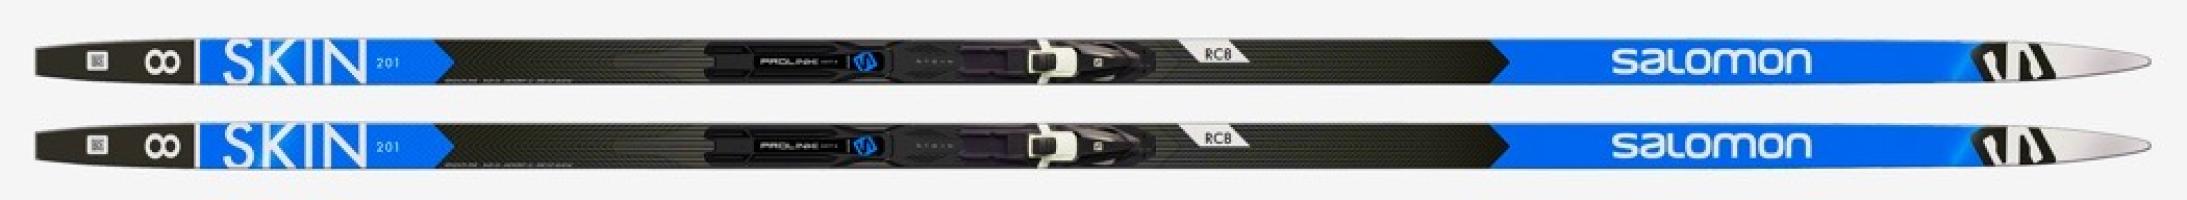 SALOMON XC RC8 * E SKIN PSP - Modell 2021/22